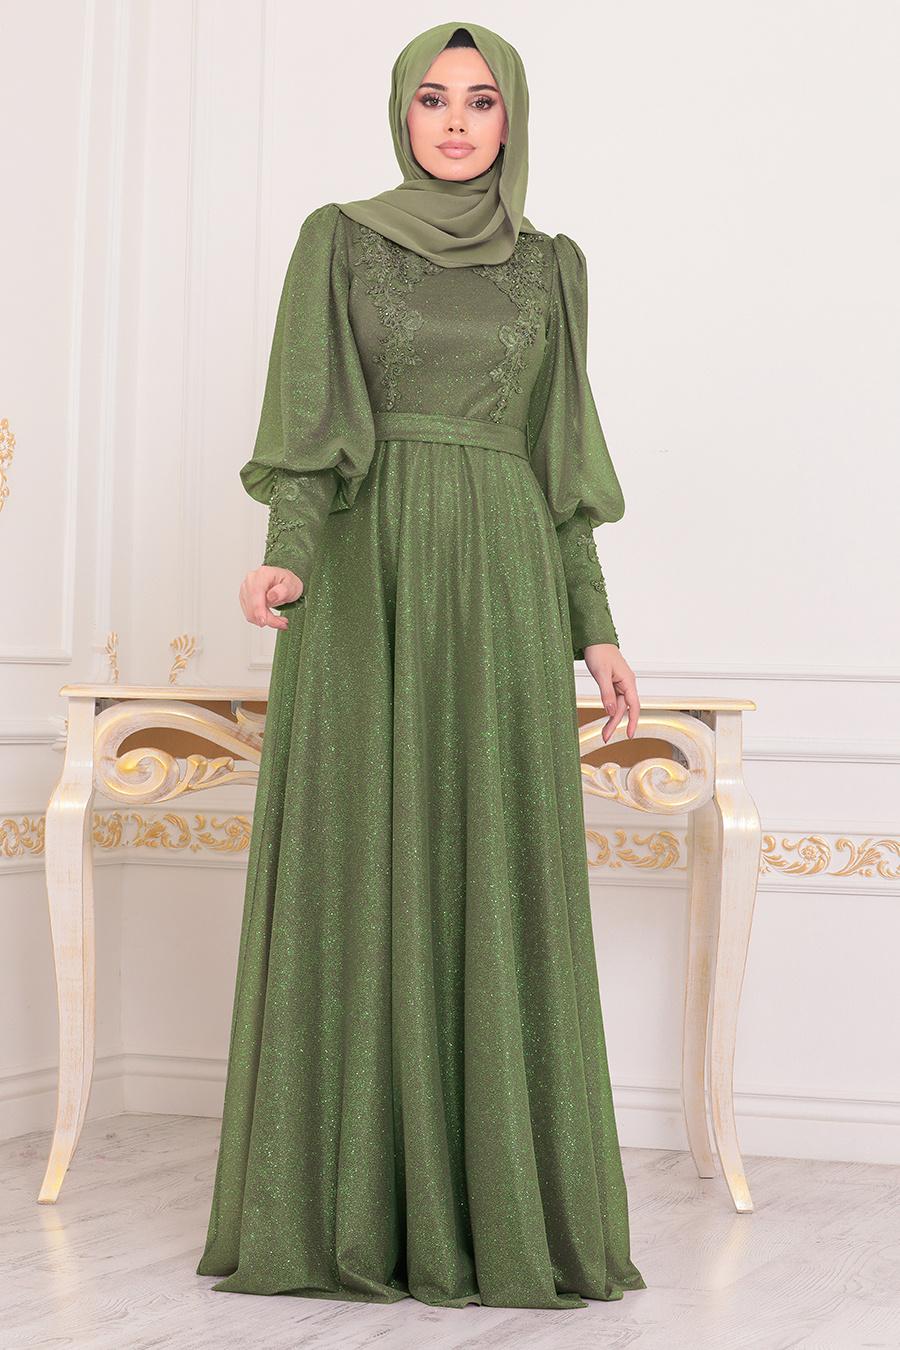 Tesettürlü Abiye Elbise - Balon Kol Fıstık Yeşili Tesettür Abiye Elbise 21521FY